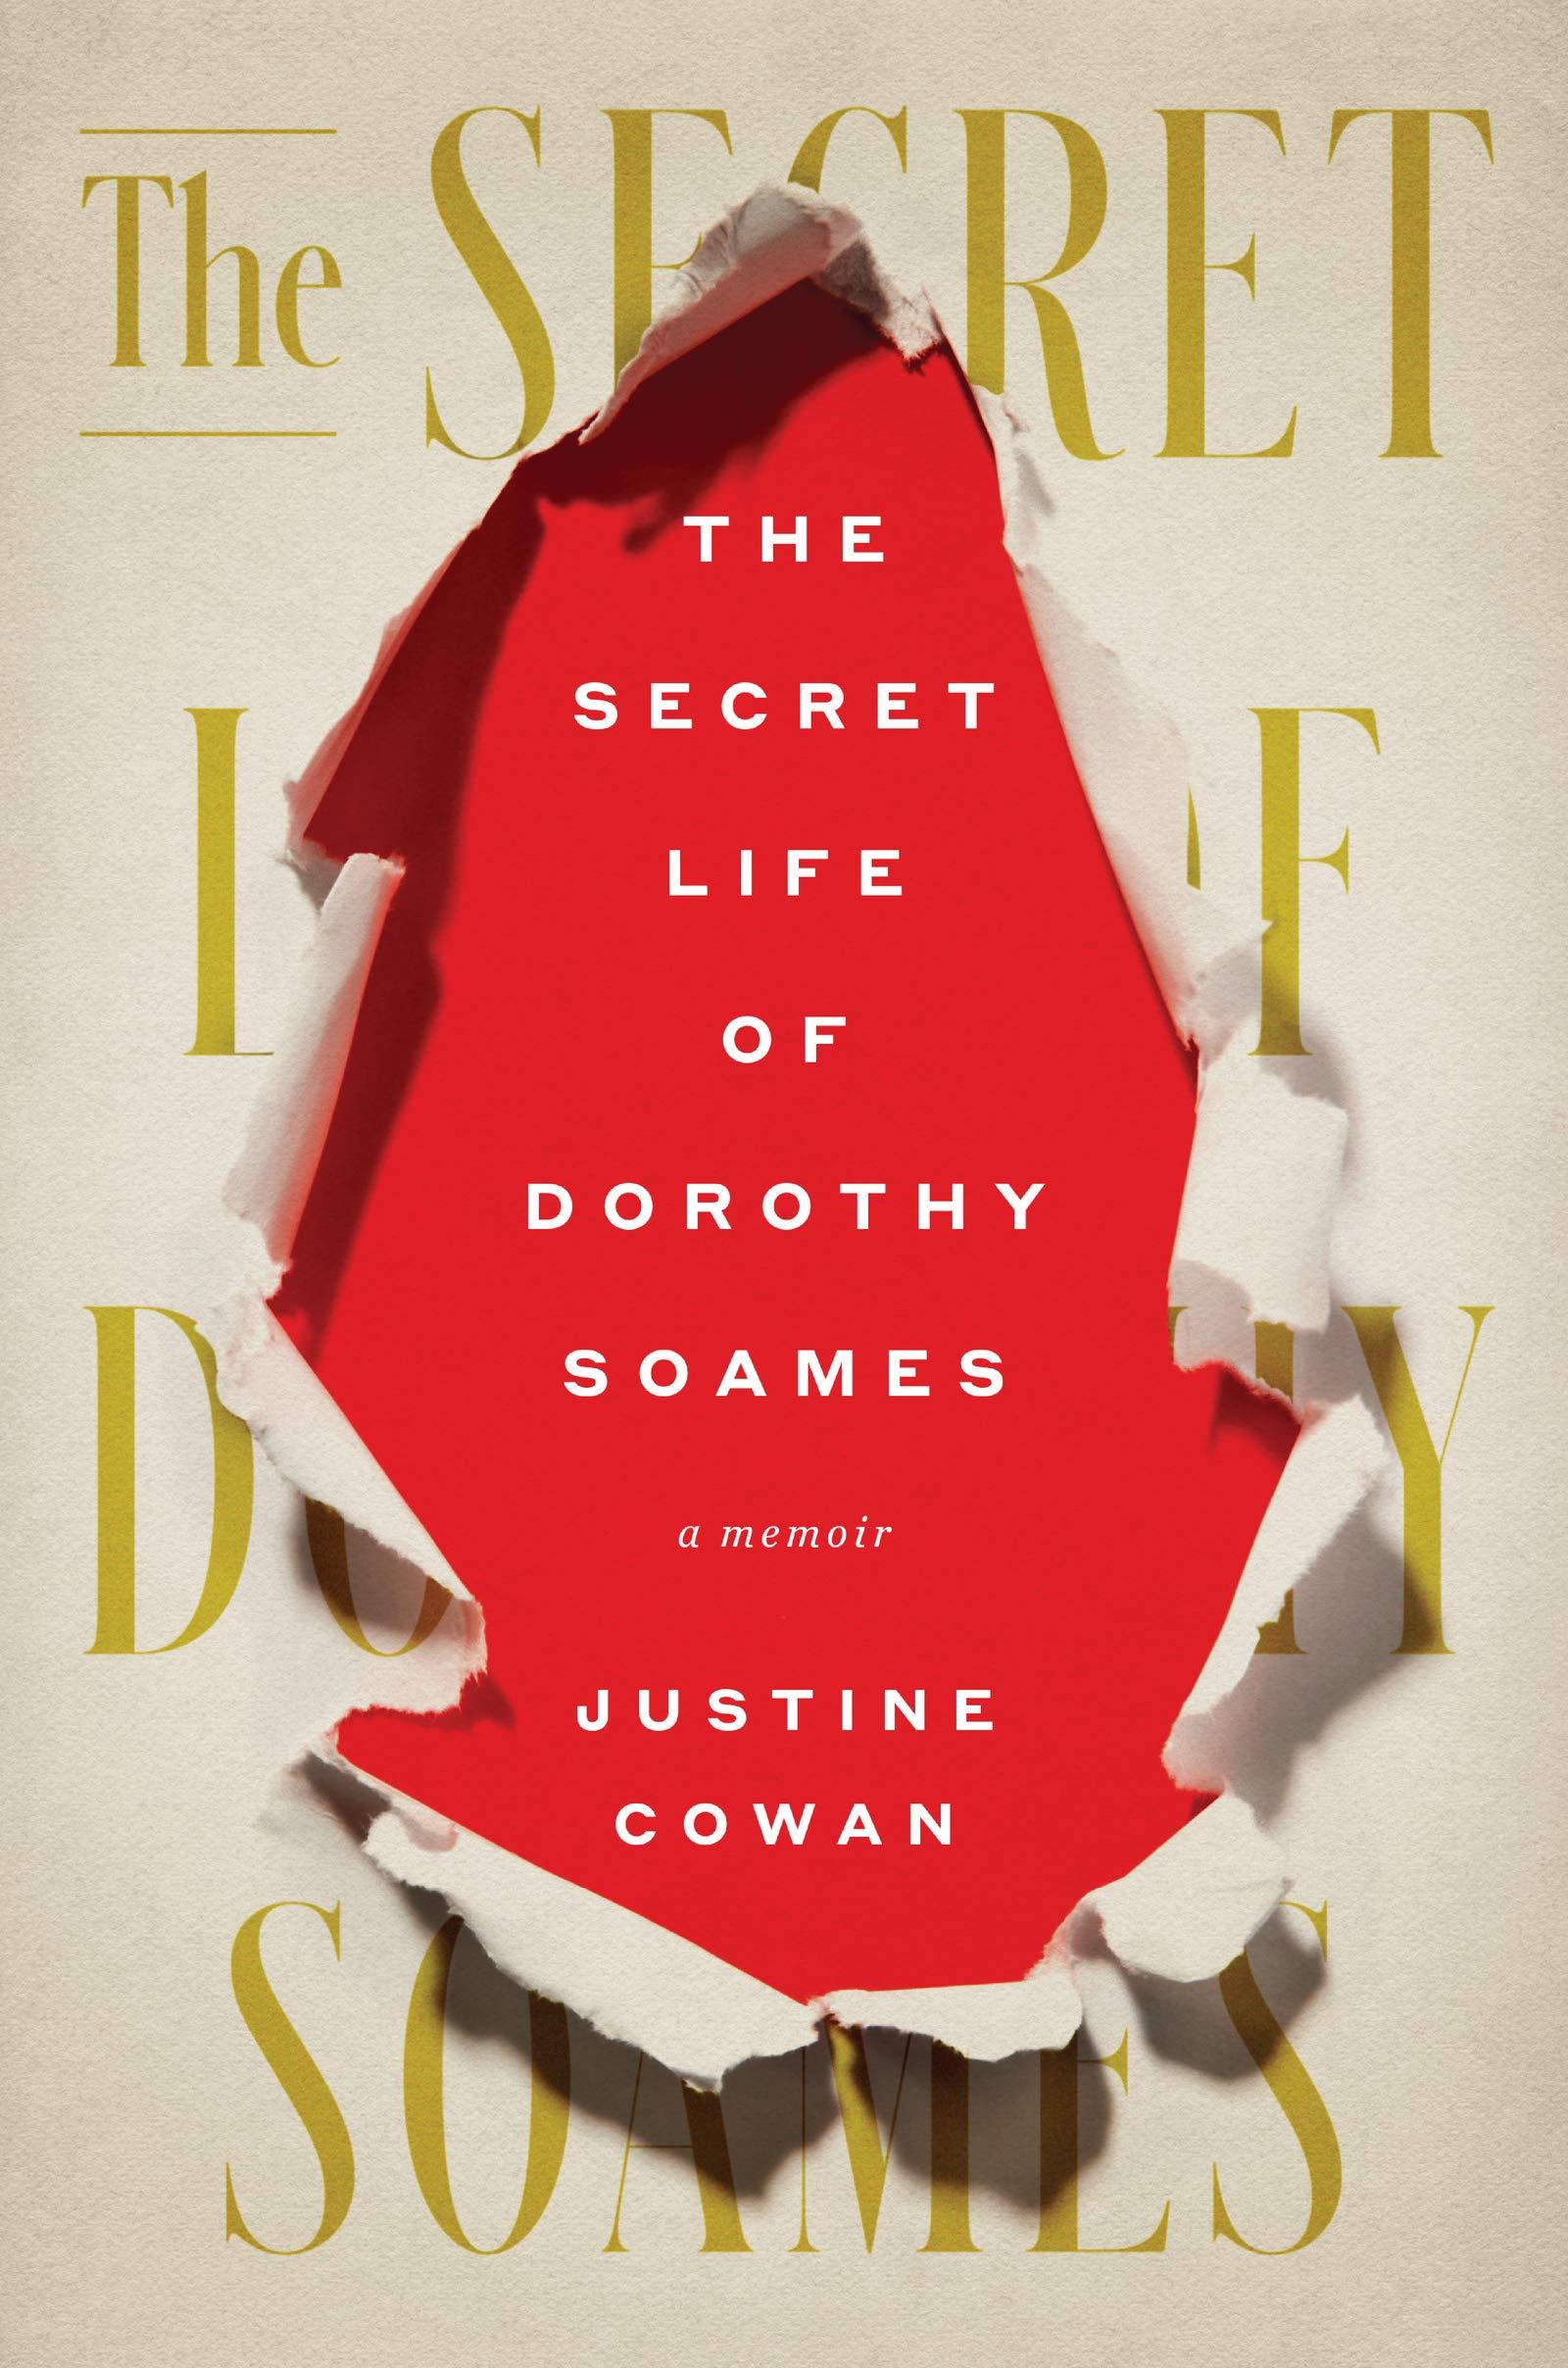 """Justine Cowan,<a href=""""https://bookshop.org/a/132/9780062991010"""" target=""""_blank"""" rel=""""noopener""""><em>The Secret Life of Dorothy Soames</em></a>; cover design by Mark Melnick (Harper, January 12)"""